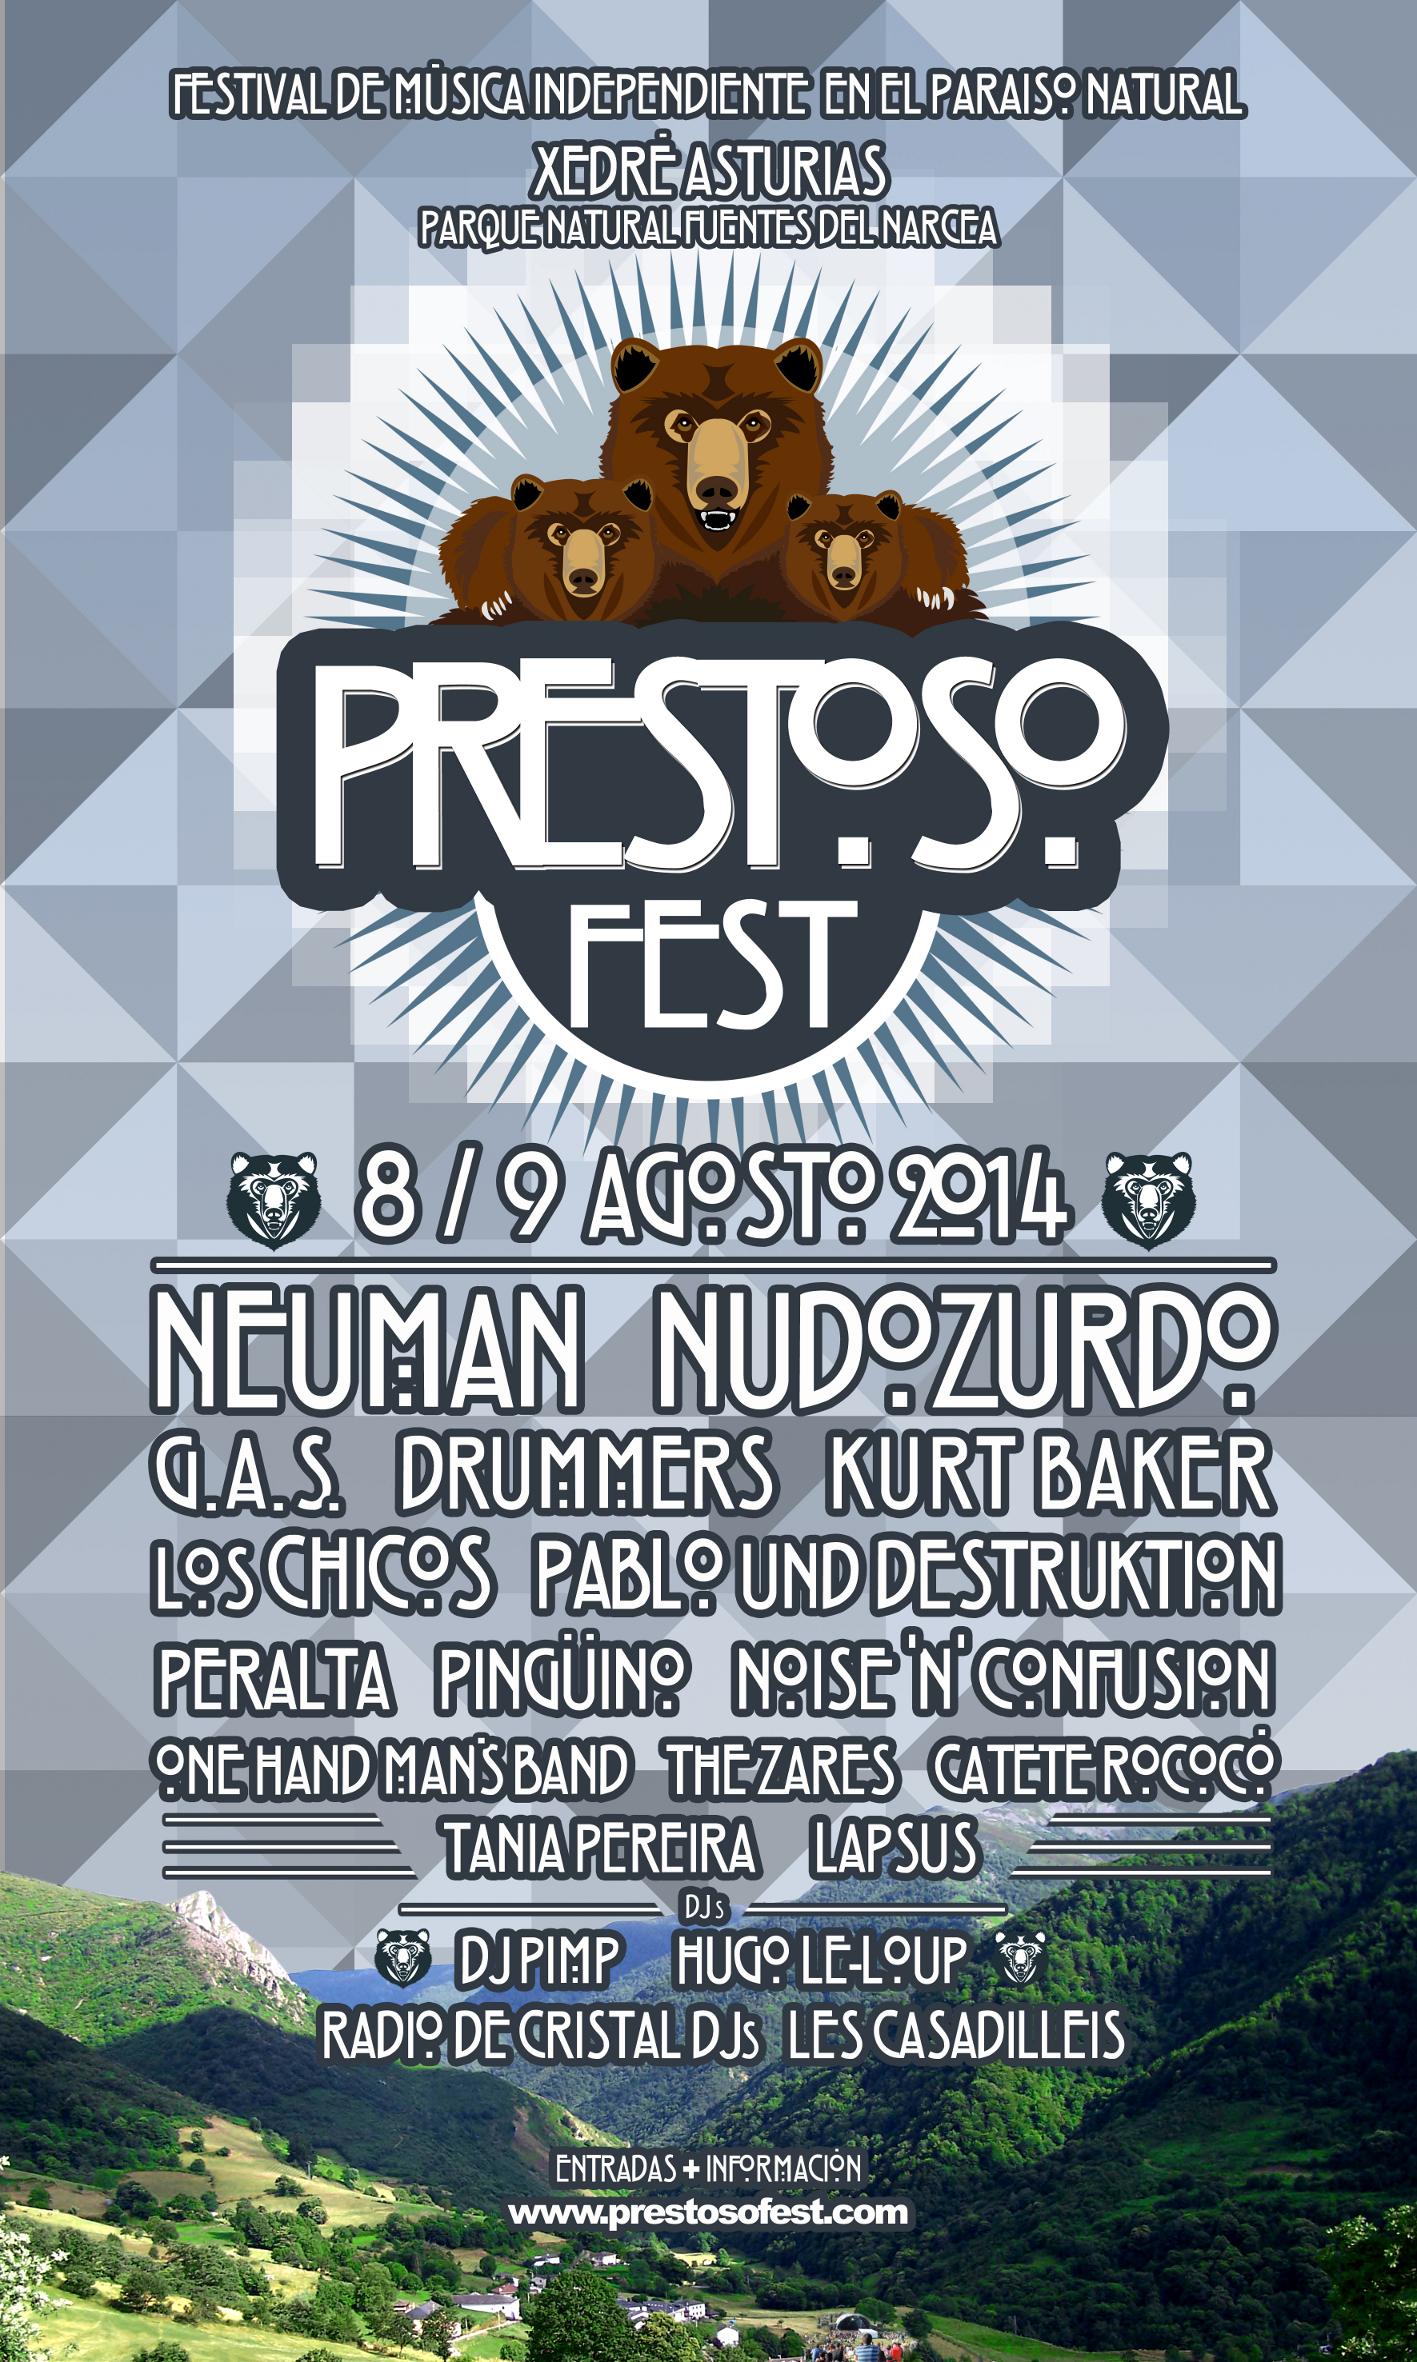 Prestoso Festival. Naturaleza y música enAsturias